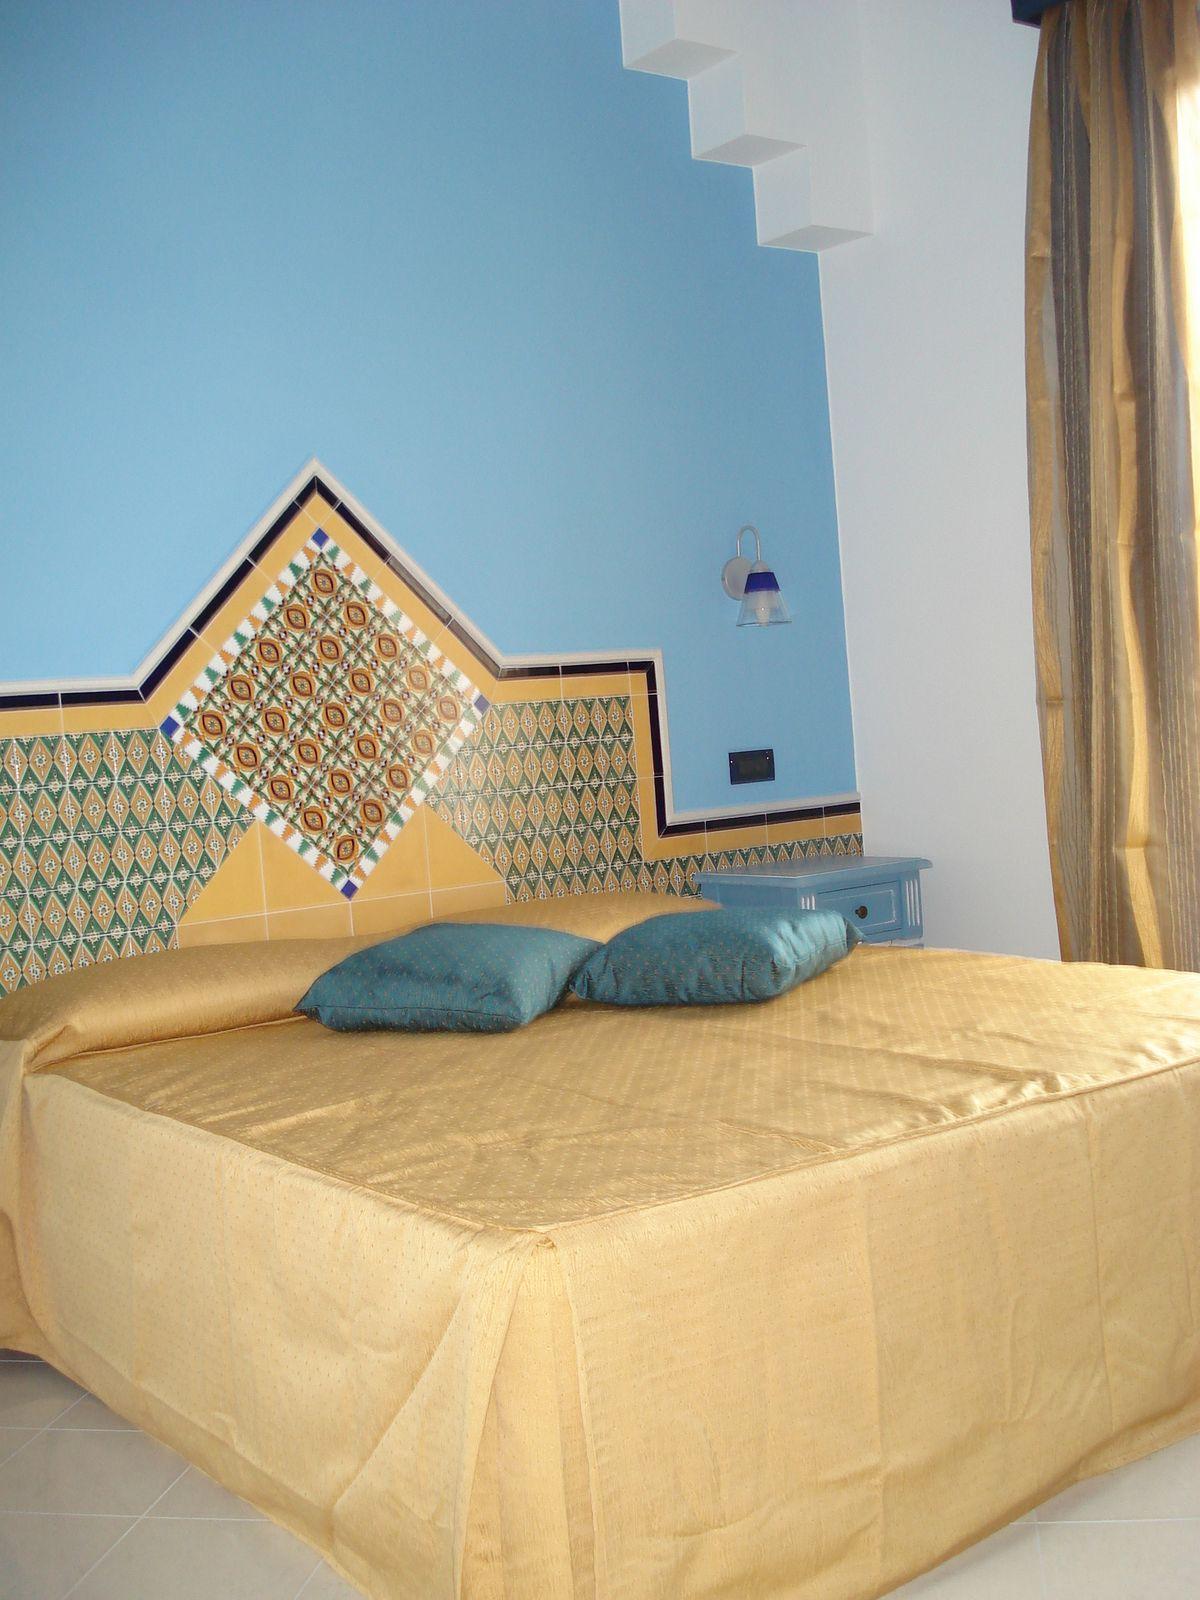 San vito lo capo hotel ristorante mediterraneo for Bagno in stile mediterraneo